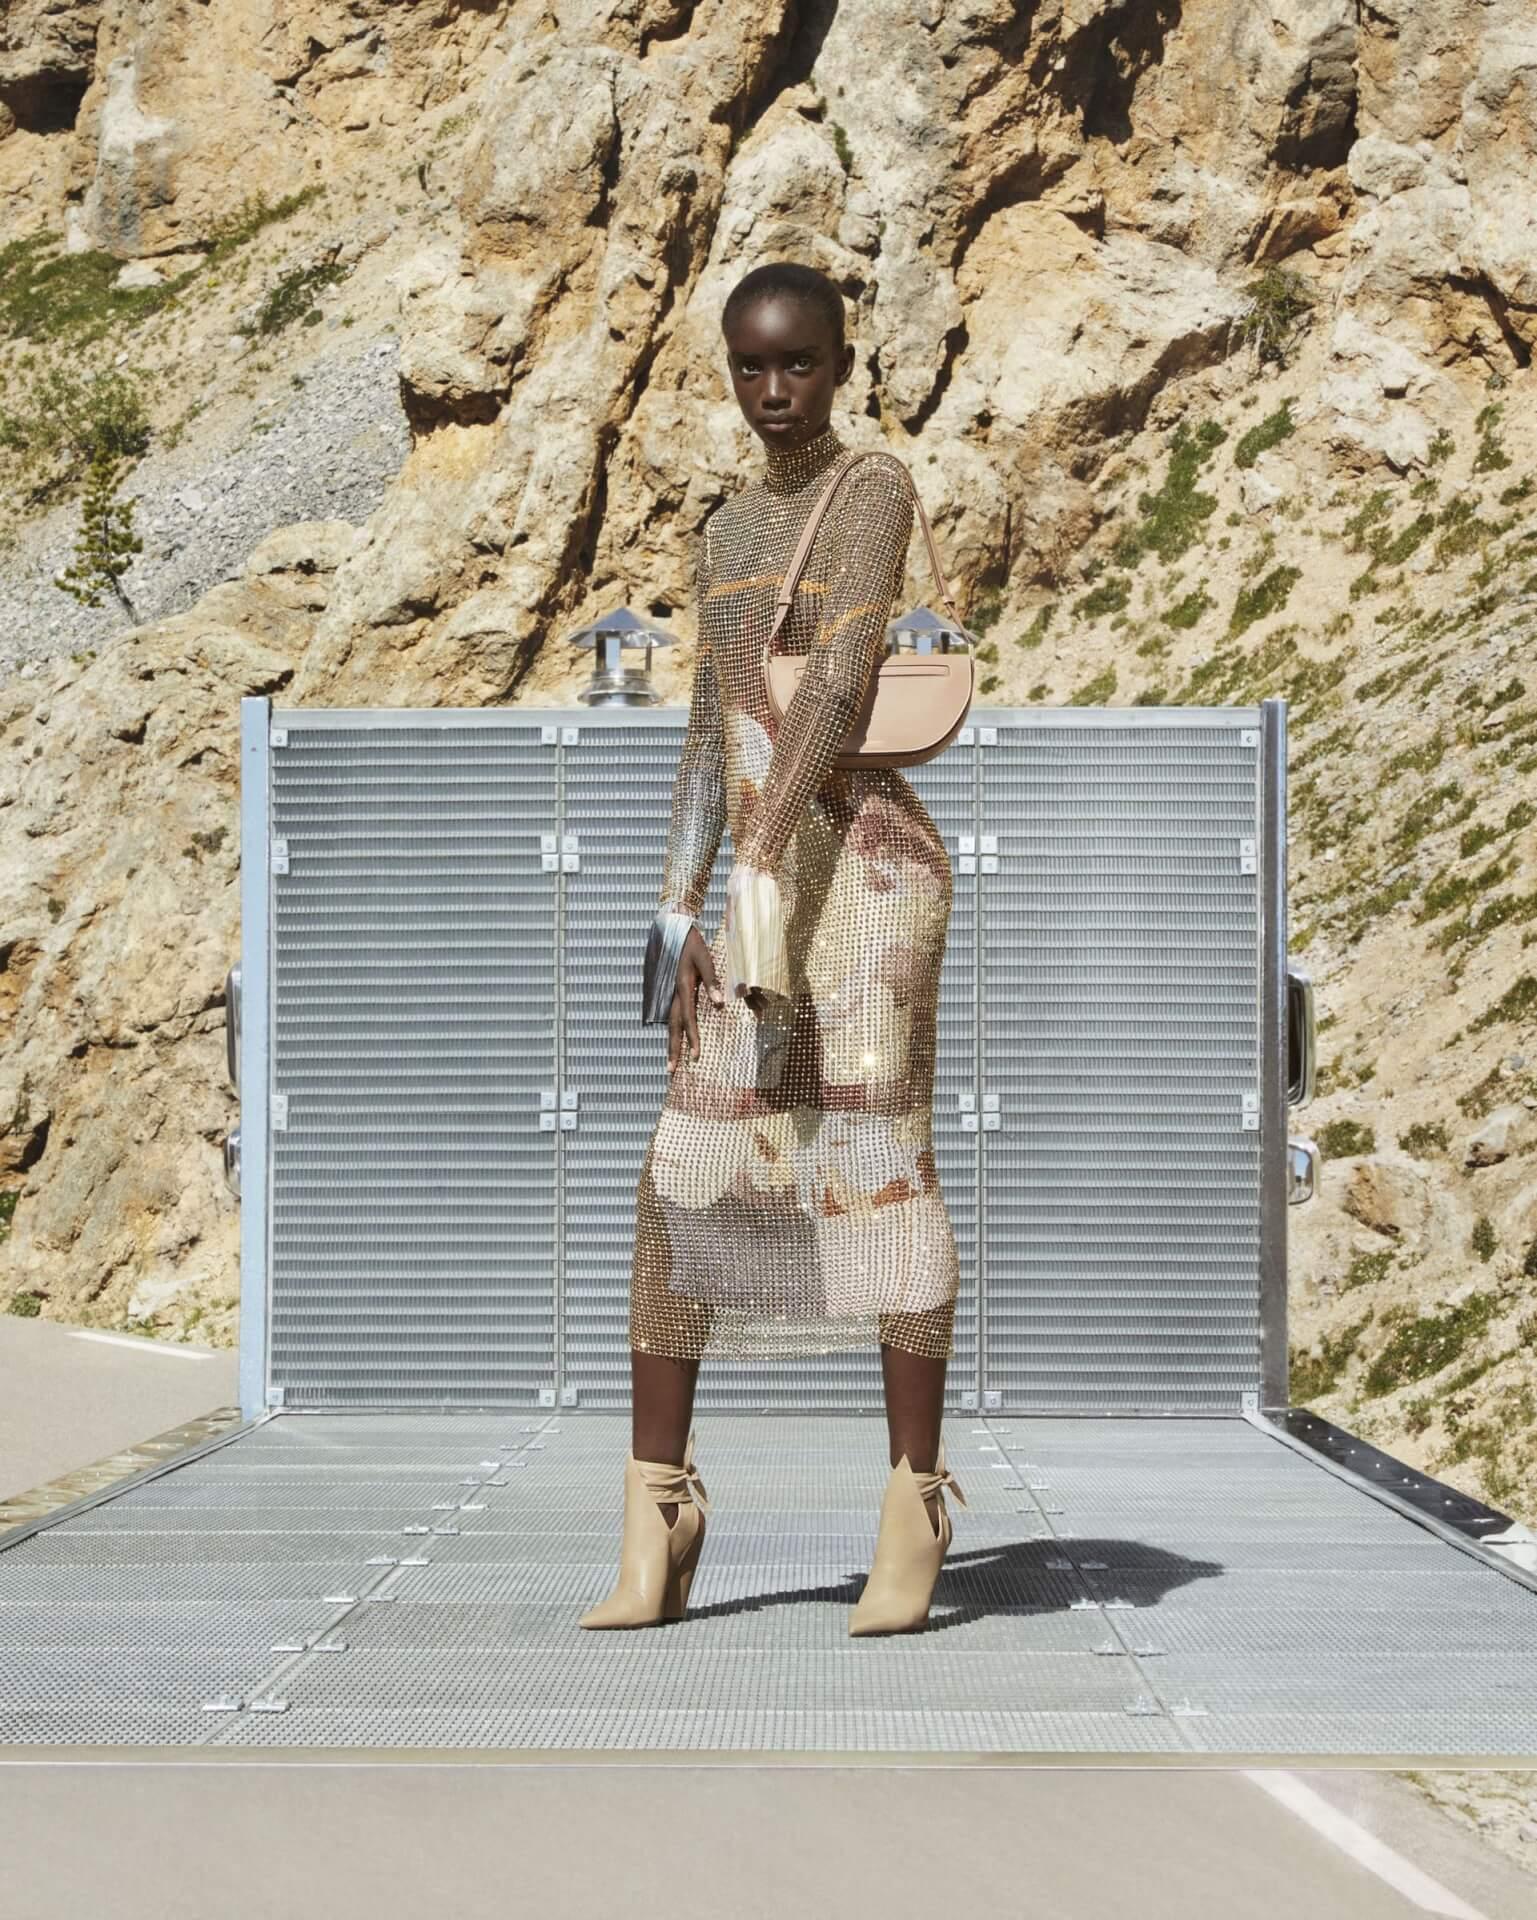 バーバリー2020年秋冬コレクションのキャンペーンが公開!マリアカルラ・ボスコーノやモナ・トゥガードらを起用 fashion2020924-Burberry9